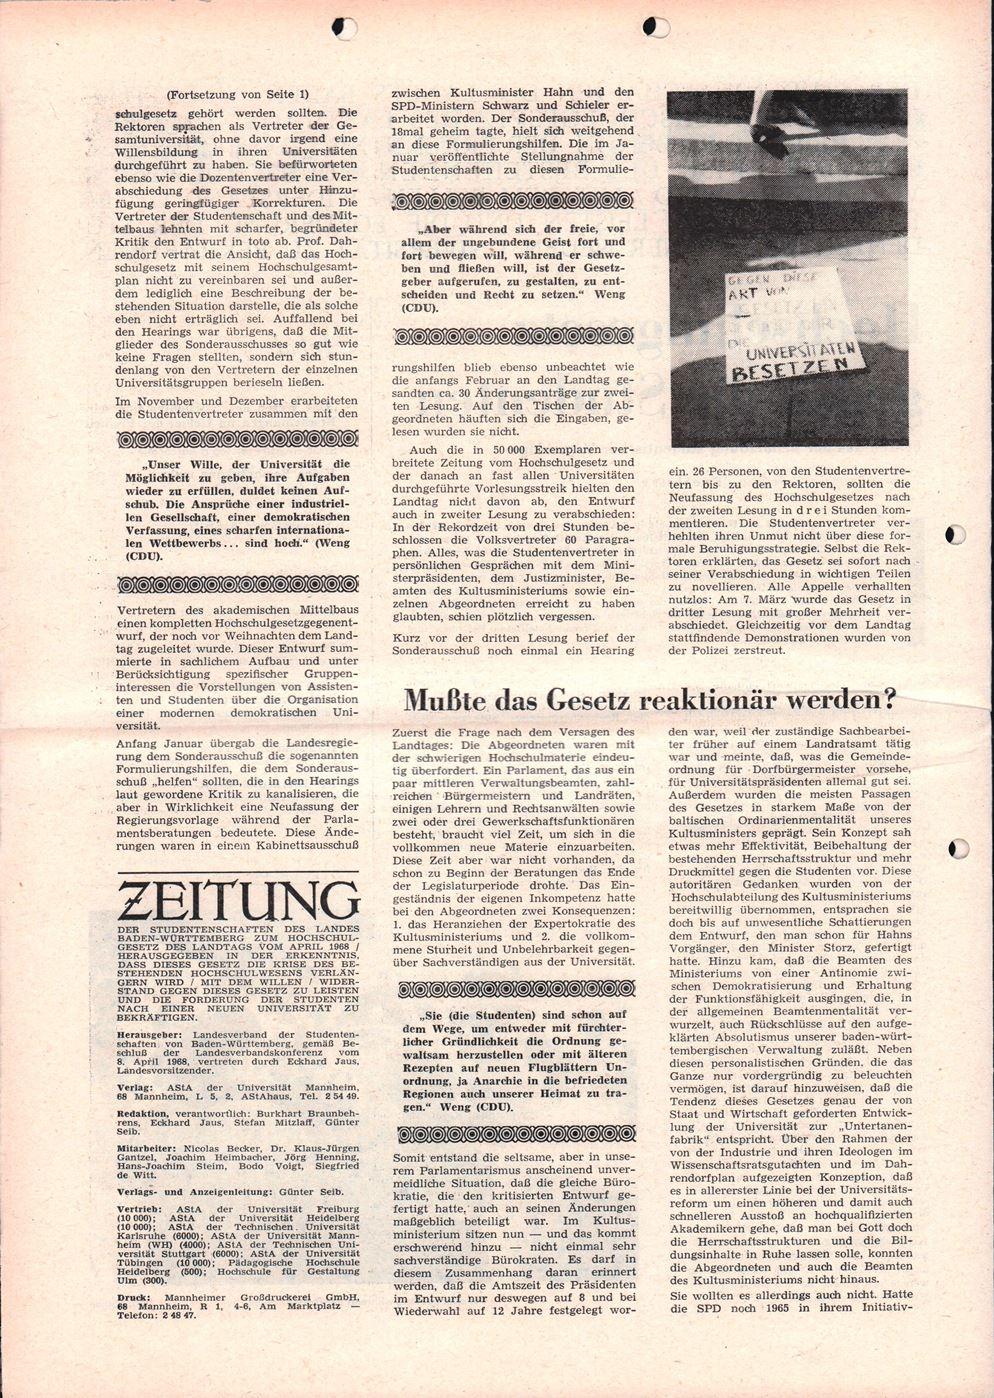 Heidelberg_1968_510